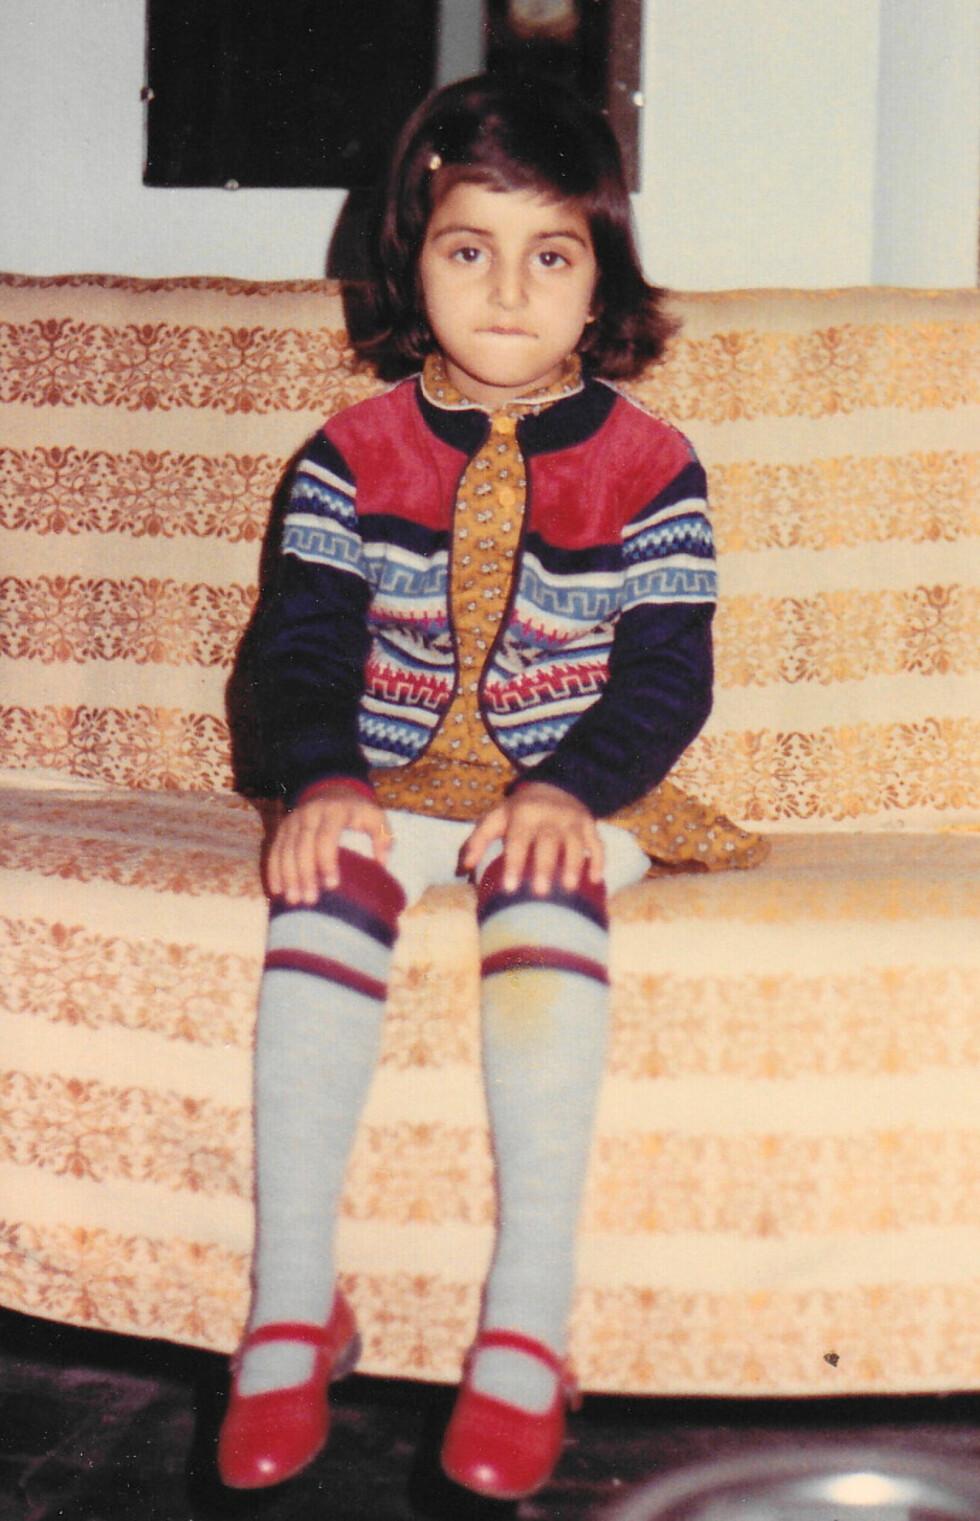 DEDIKERT: Deeyahs barndom var ikke typisk norsk. Hun måtte tidlig lære seg å jobbe hardt.  Foto: Privat